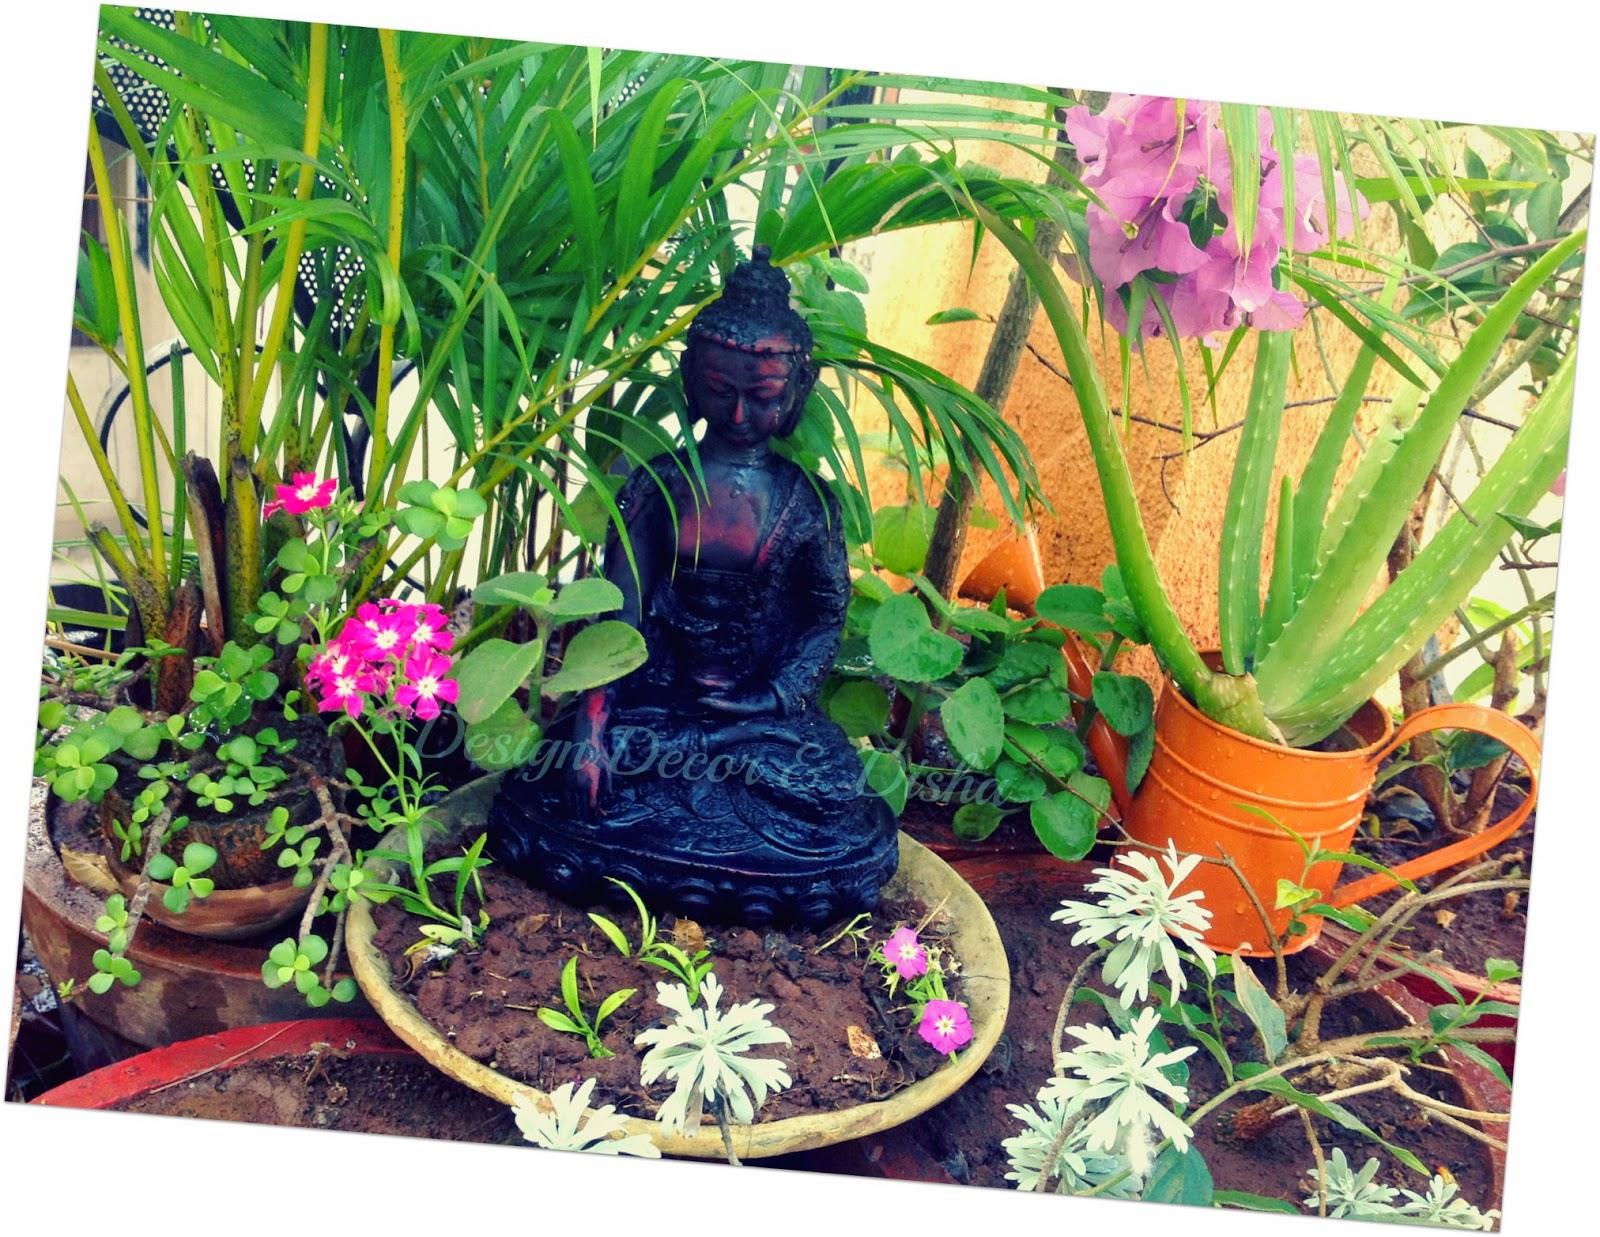 Home Garden Design Ideas India: An Indian Design & Decor Blog